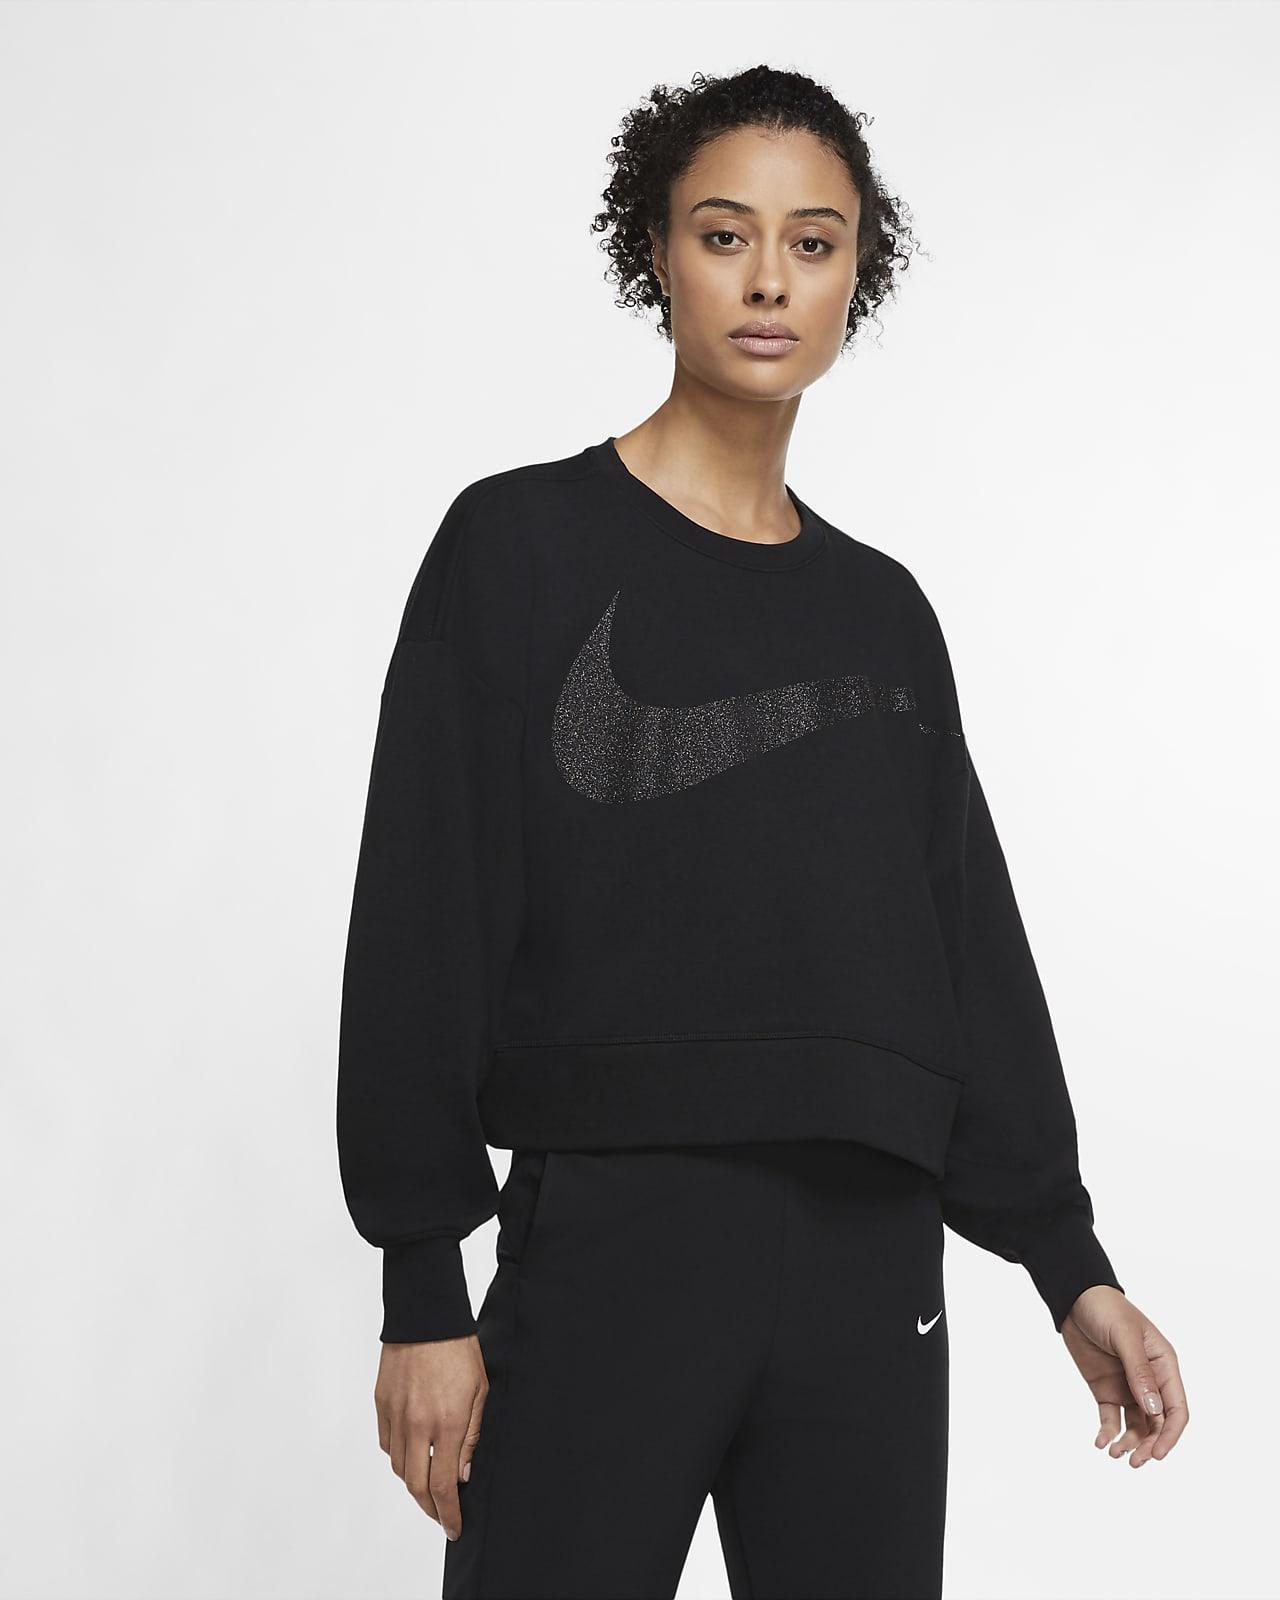 Dámská třpytivá flísová tréninková mikina Nike Dri-FIT Get Fit